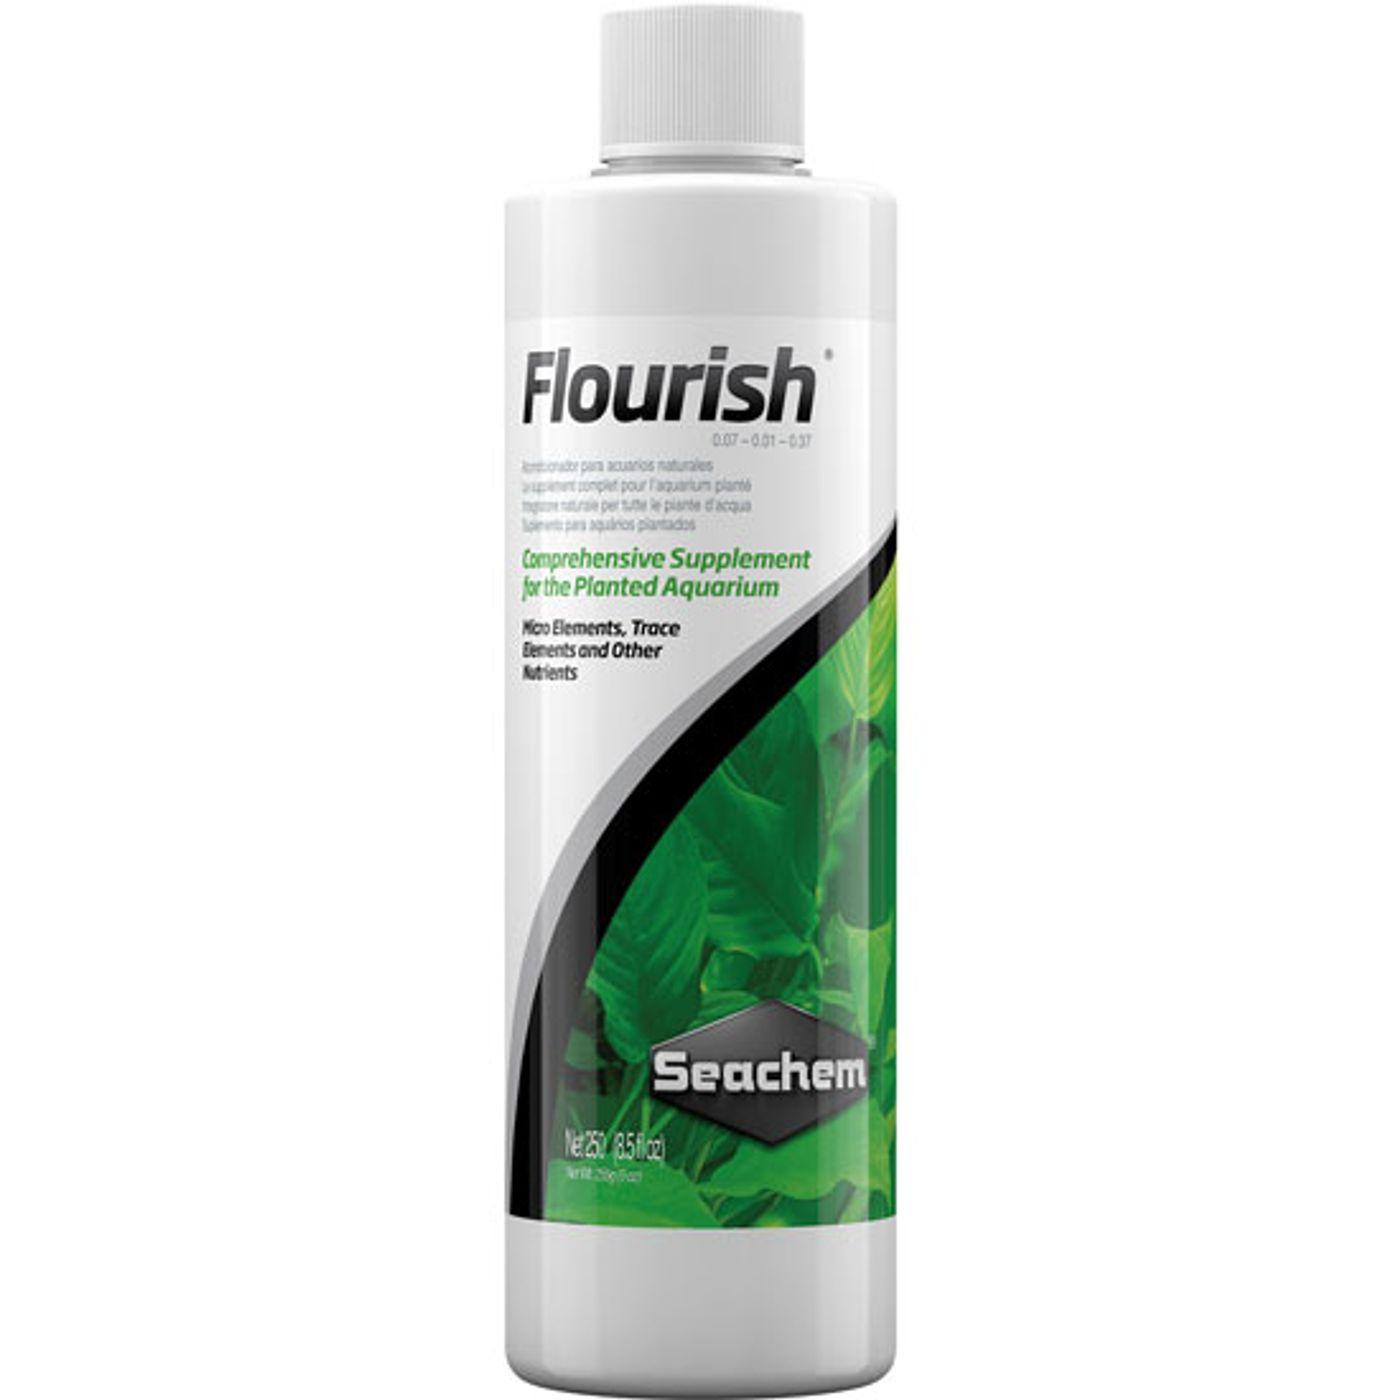 SEACHEM-Flourish--250ML-